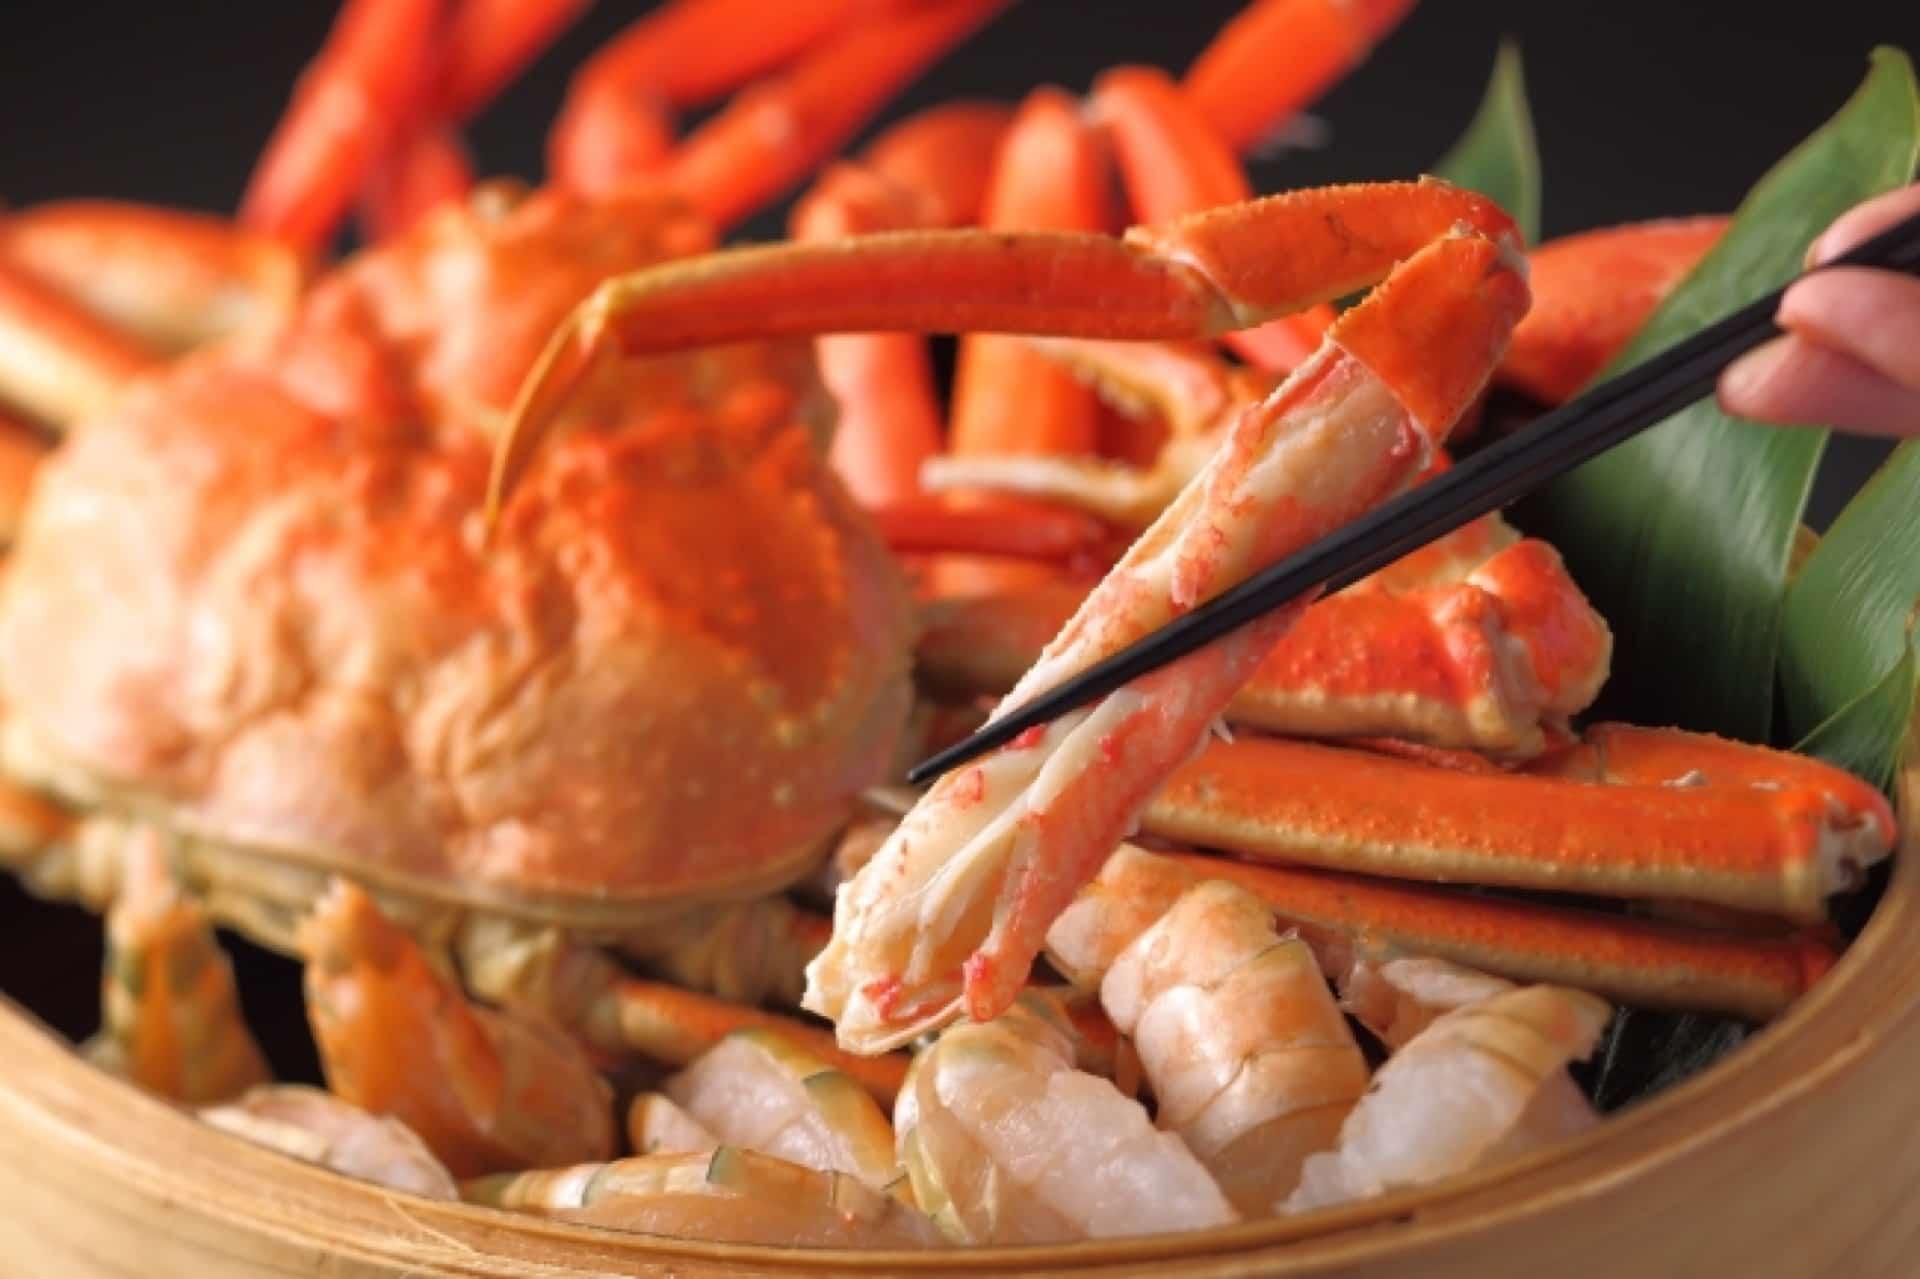 神戸メリケンパークオリエンタルホテルでかに食べ放題!蒸し蟹を好きなだけ